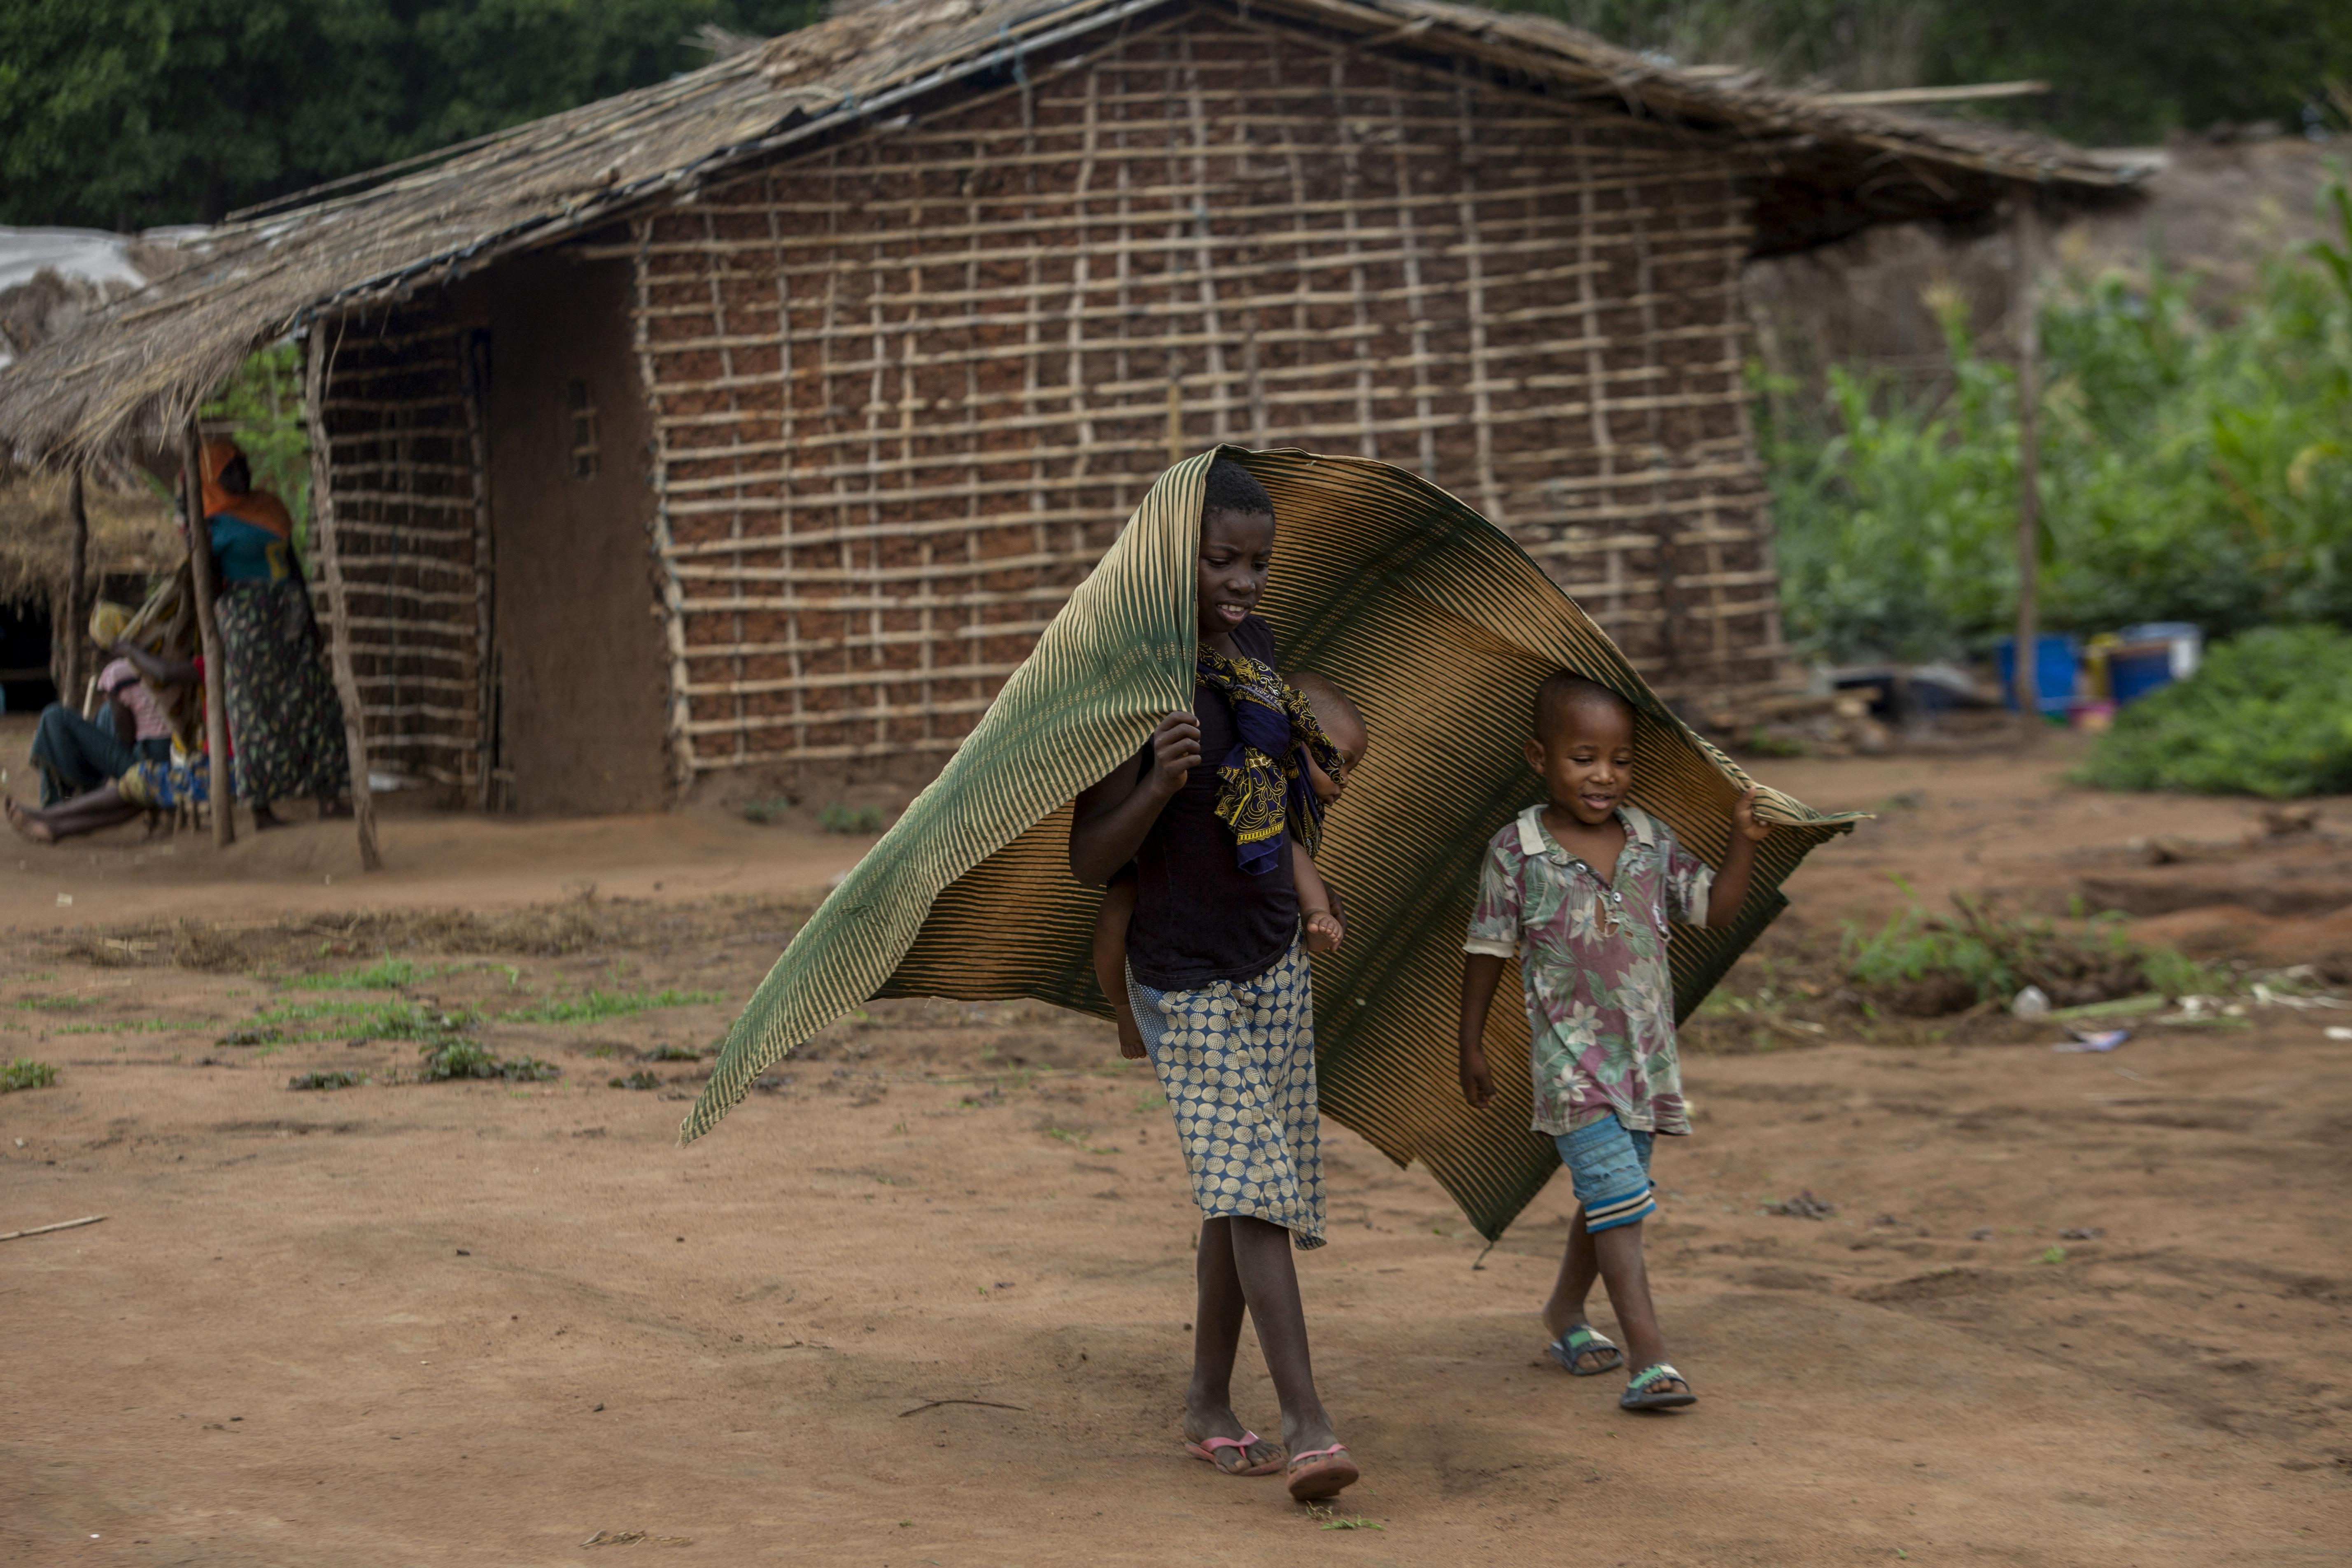 Gyerekeket is lefejeztek az iszlamisták Mozambikban egy segélyszervezet jelentése szerint